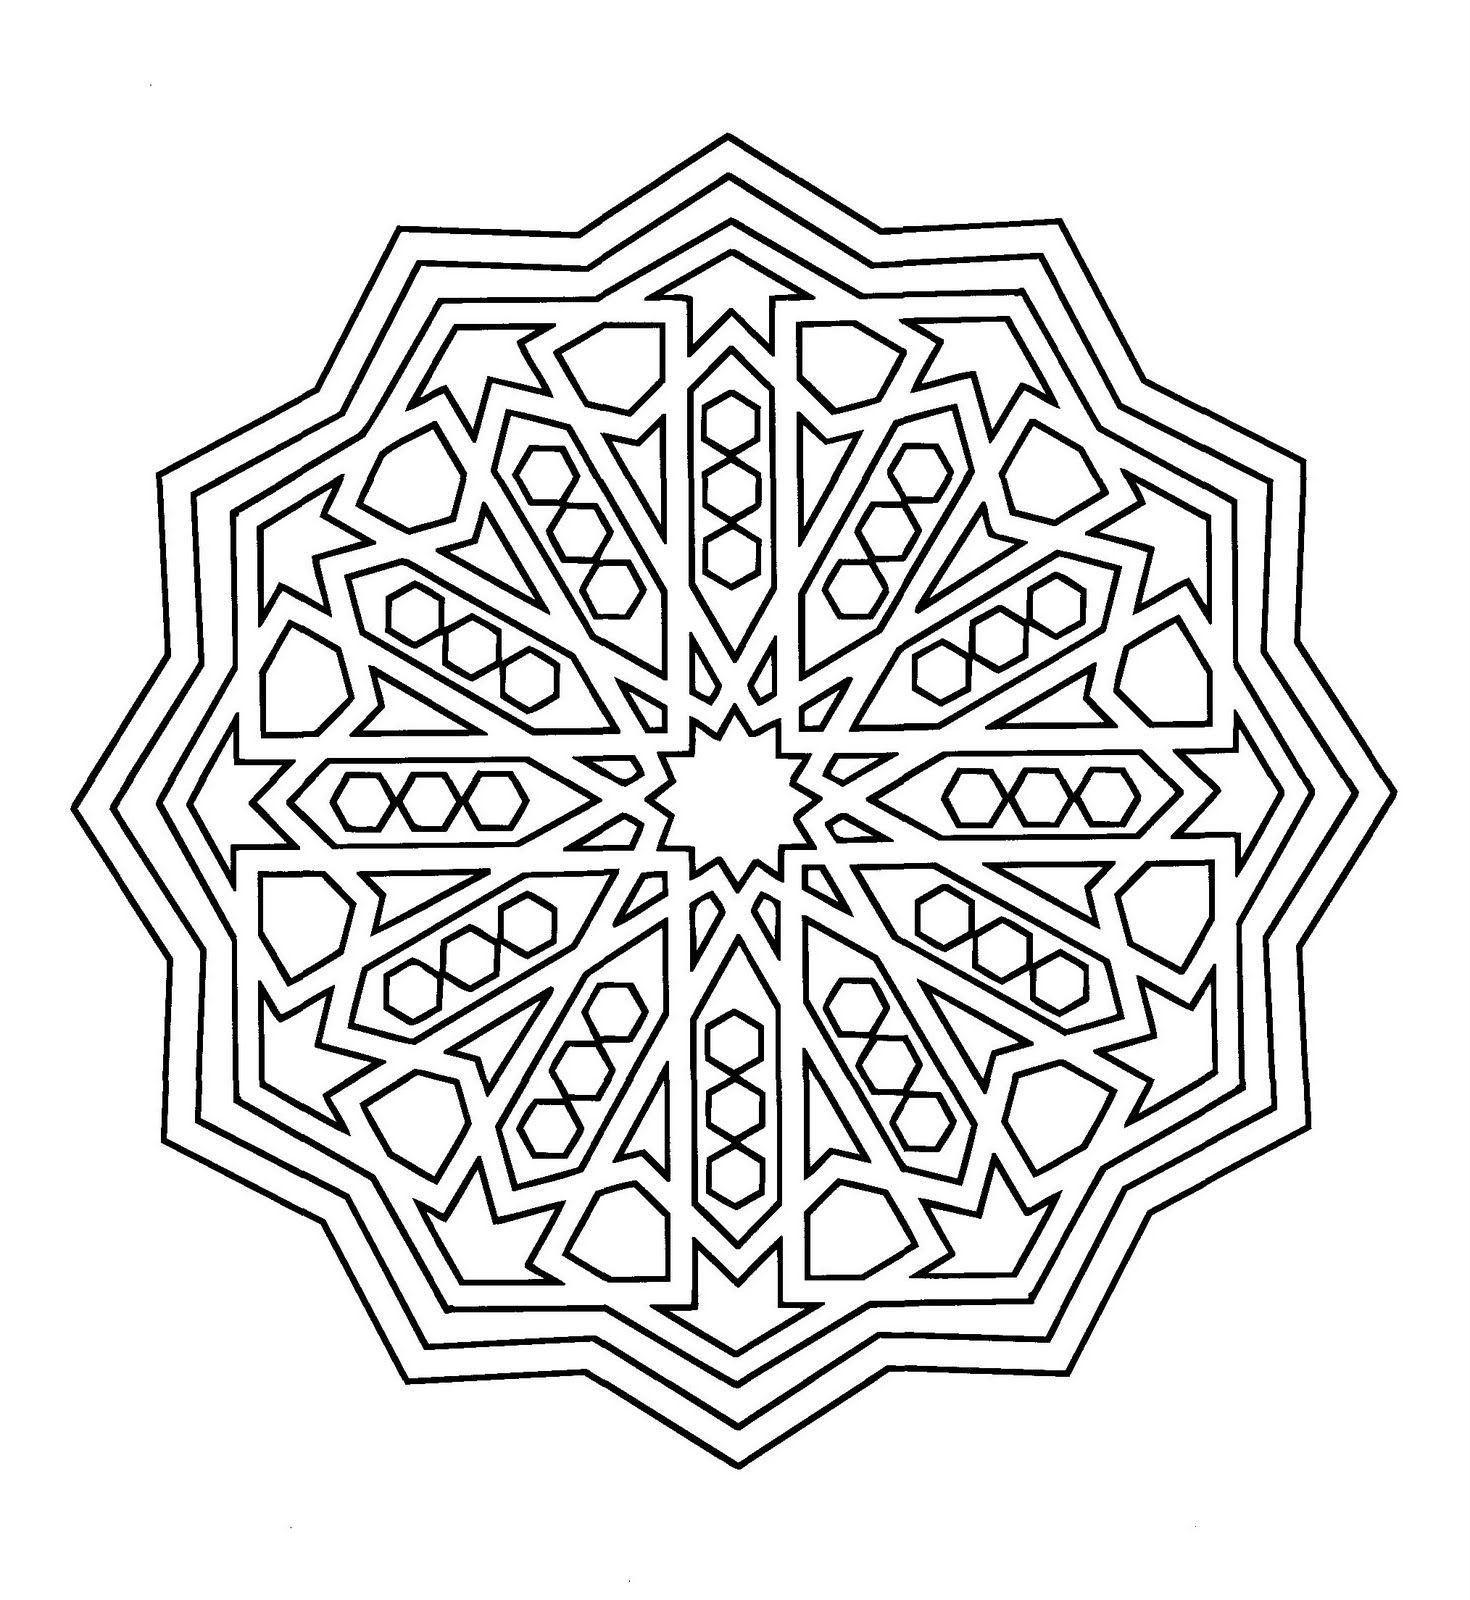 Mandala de la Alhambra para colorear con ejemplo | Dibujos